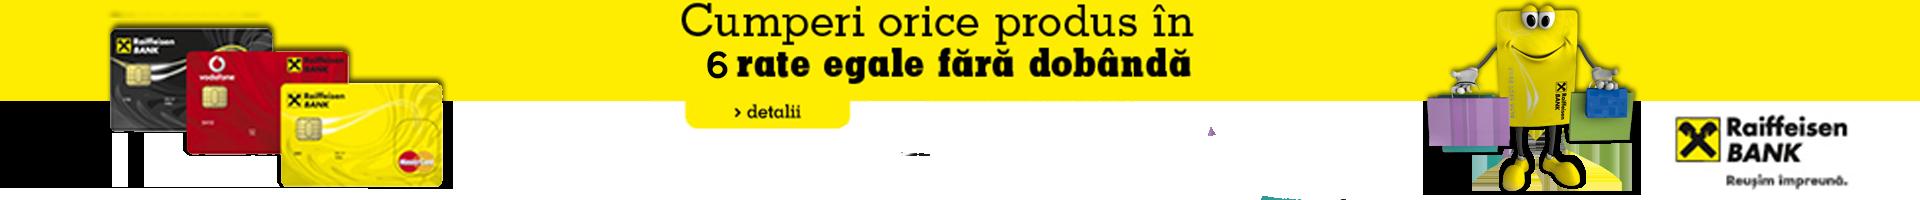 banner-raiffeisen1